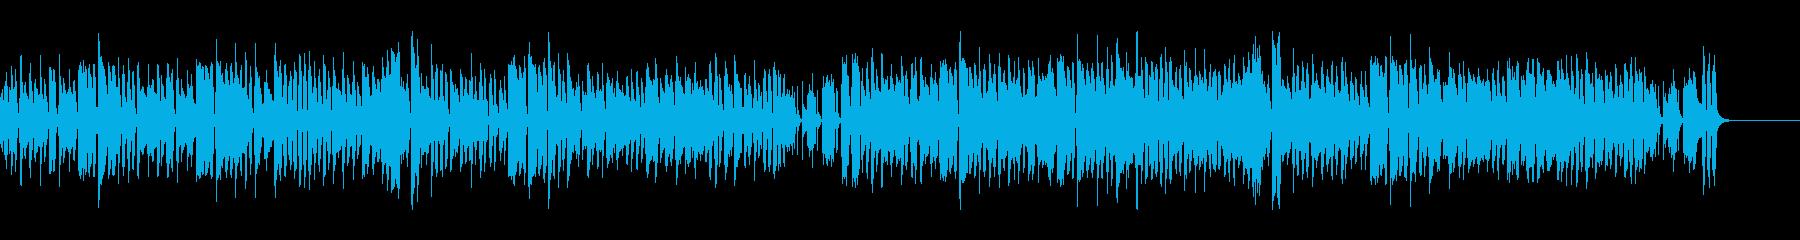 気の抜けた、調子のはずれたリコーダーの曲の再生済みの波形